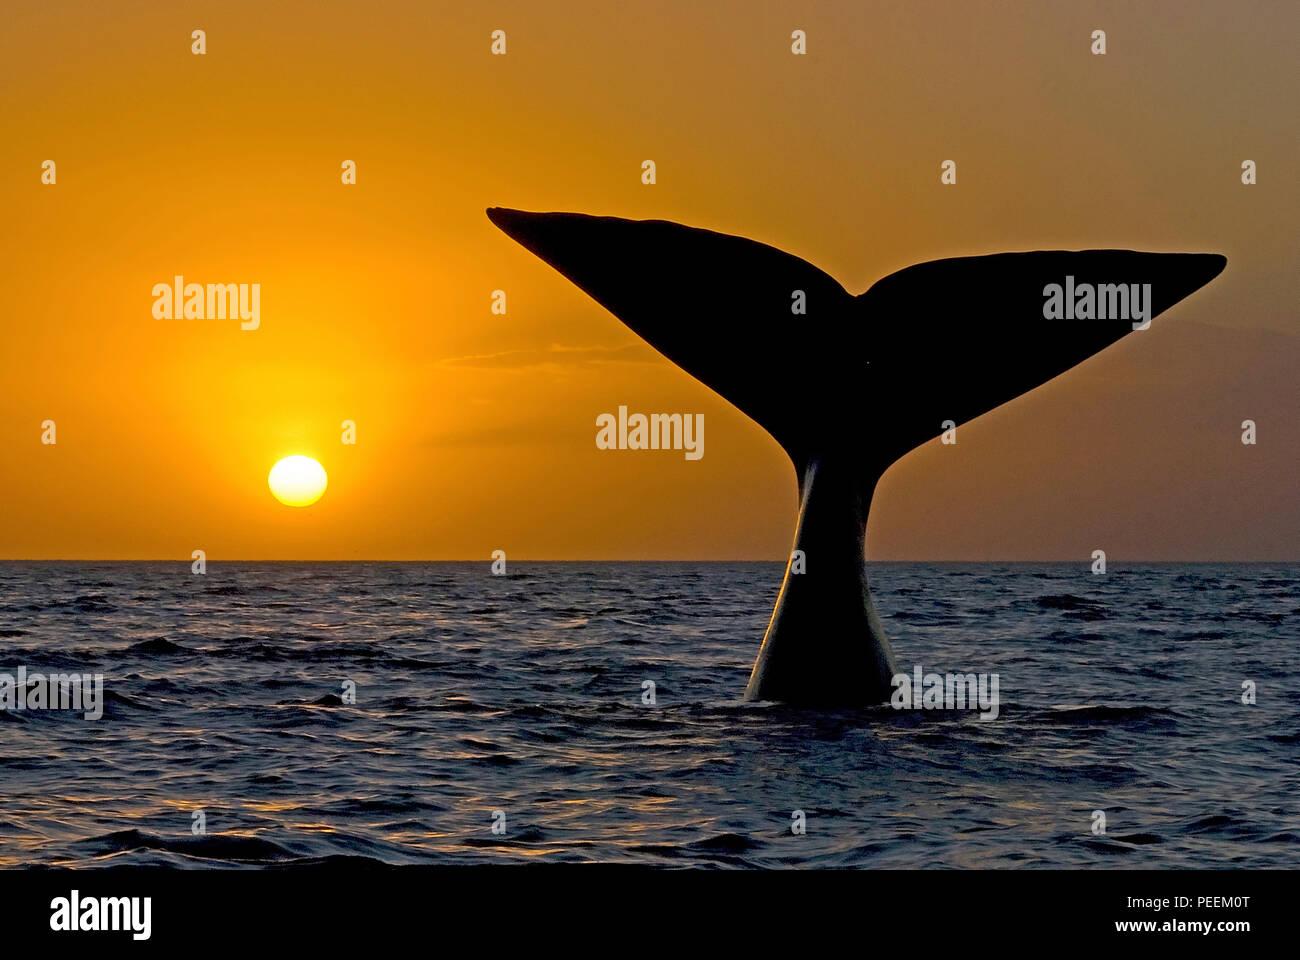 Descendente ballena franca austral (Eubalaena australis), Sunset, Península Valdés, Argentinia Imagen De Stock